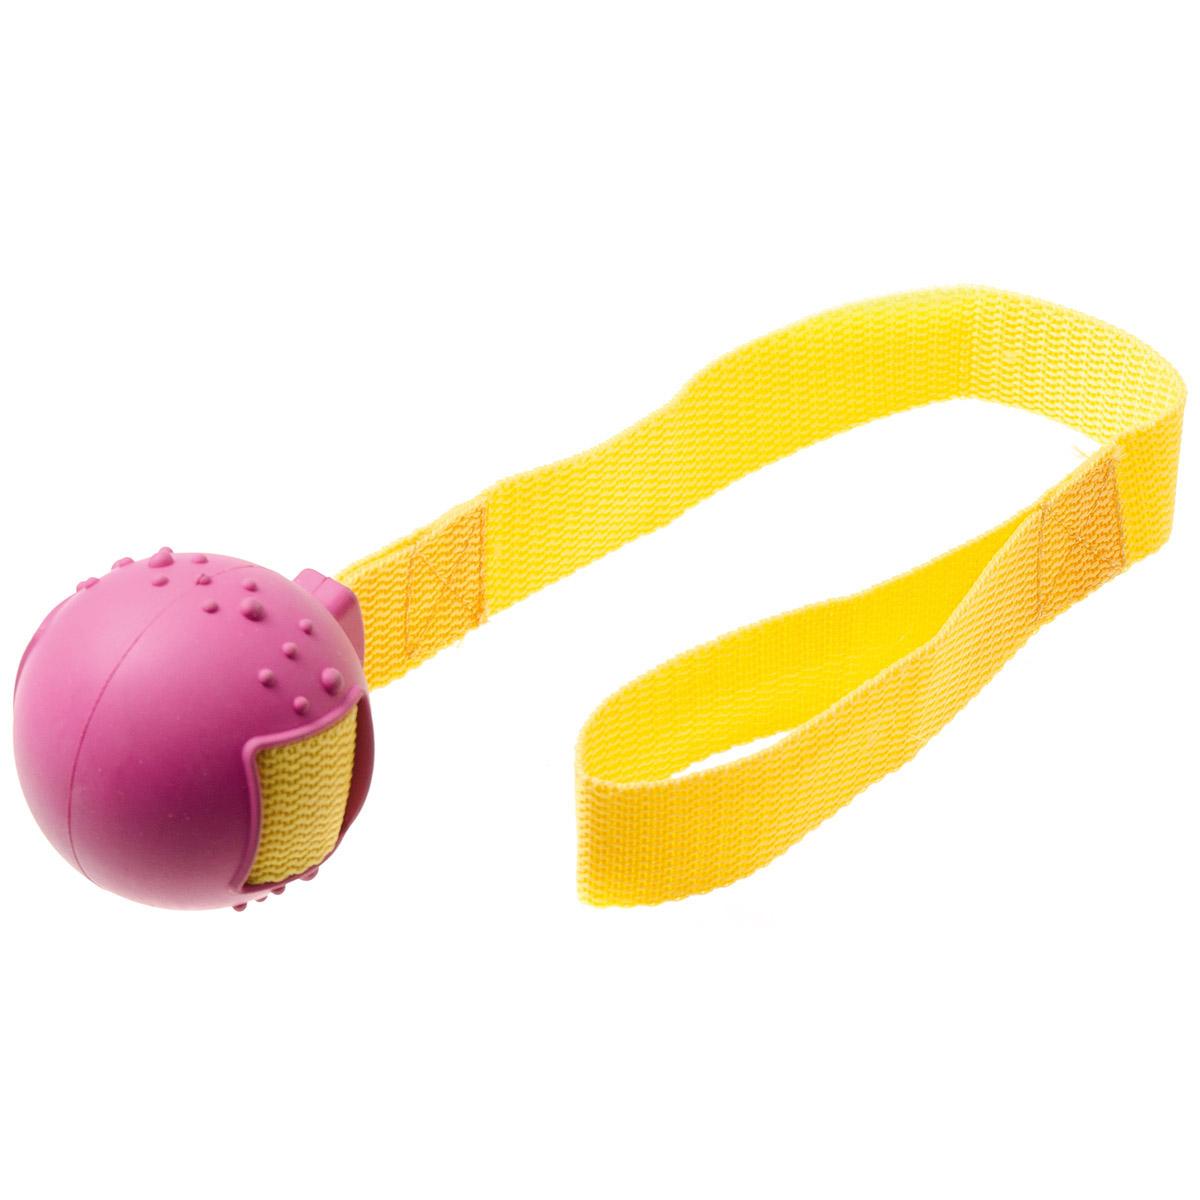 Игрушка для собак V.I.Pet Мяч на ручке, диаметр 5,5 смYU01KИгрушка для собак V.I.Pet Мяч на ручке предназначена для активной игры с питомцем в перетягивание и бросание. С этой игрушкой с удовольствием будут играть и щенки, и взрослые собаки. Изготовлена из экологически чистой резины - абсолютно нетоксичной и безопасной, моется водой.